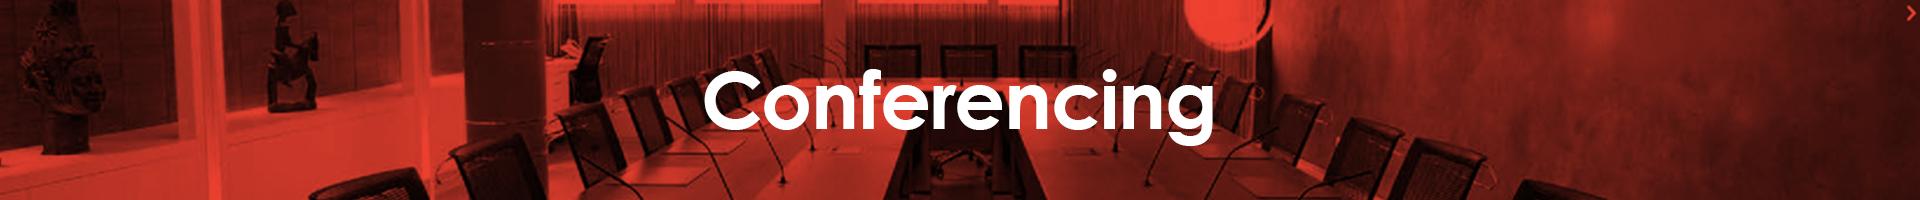 會議設備 - page title Conferencing